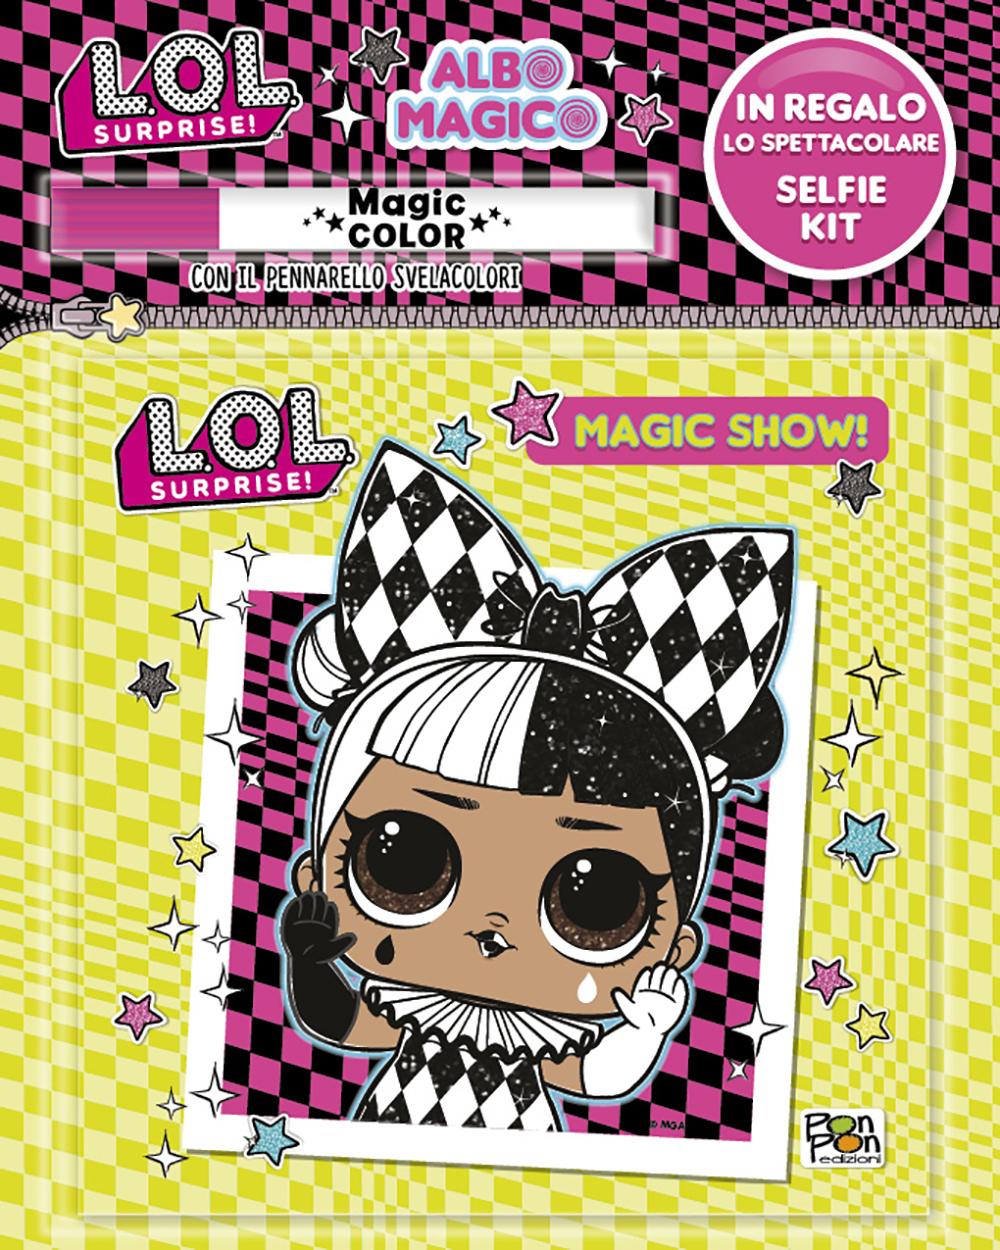 Albo Magico Lol Magic Show!